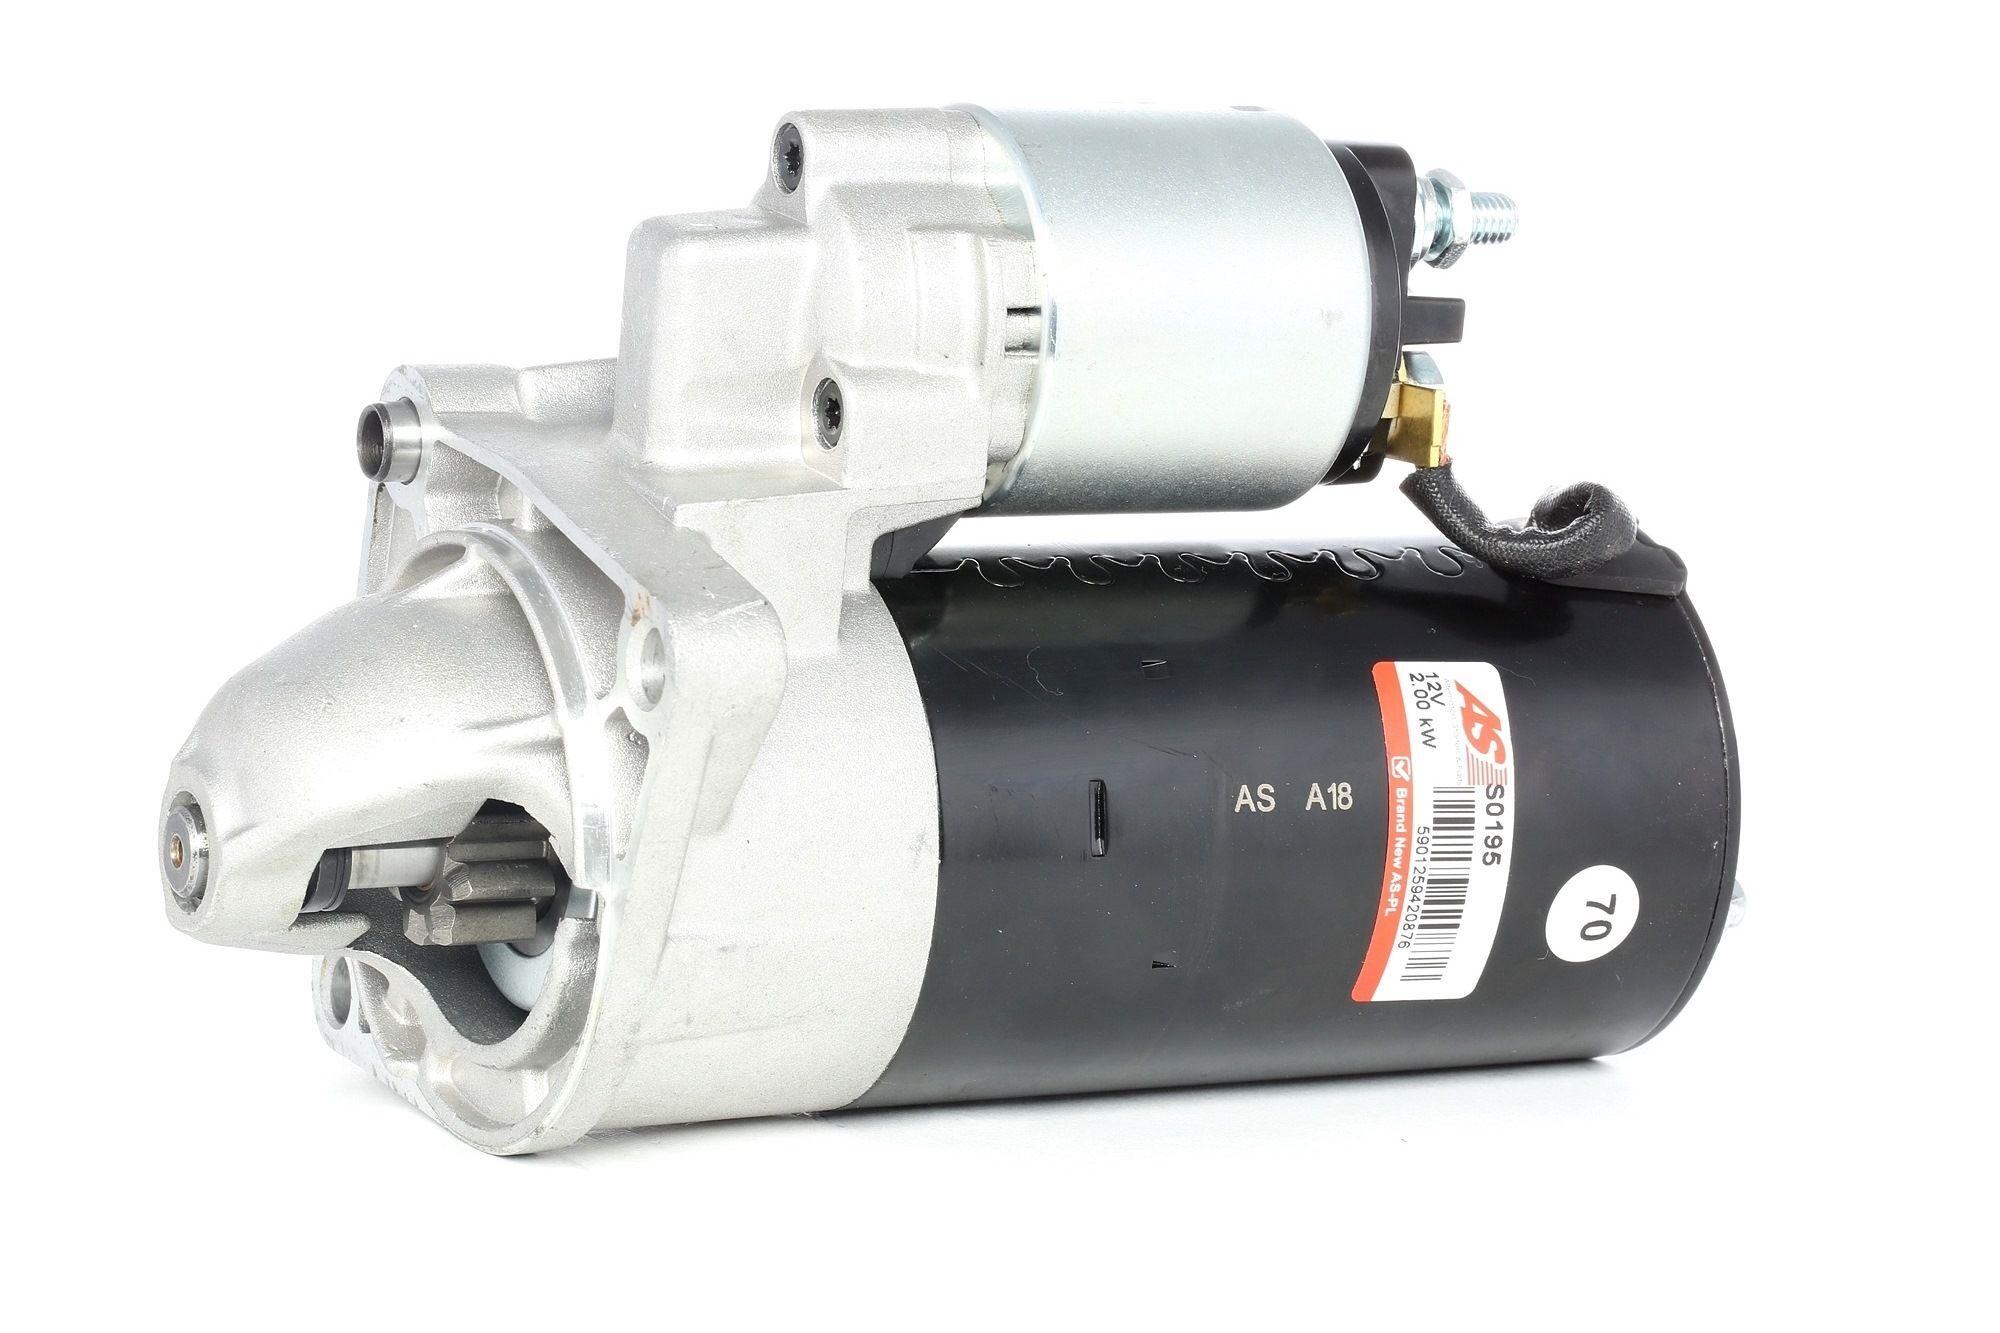 AS-PL Starttimoottori Brand new AS-PL Alternator A13VI155 S0195 Startti,Käynnistinmoottori OPEL,FIAT,SUZUKI,ZAFIRA B A05,ASTRA H Caravan L35